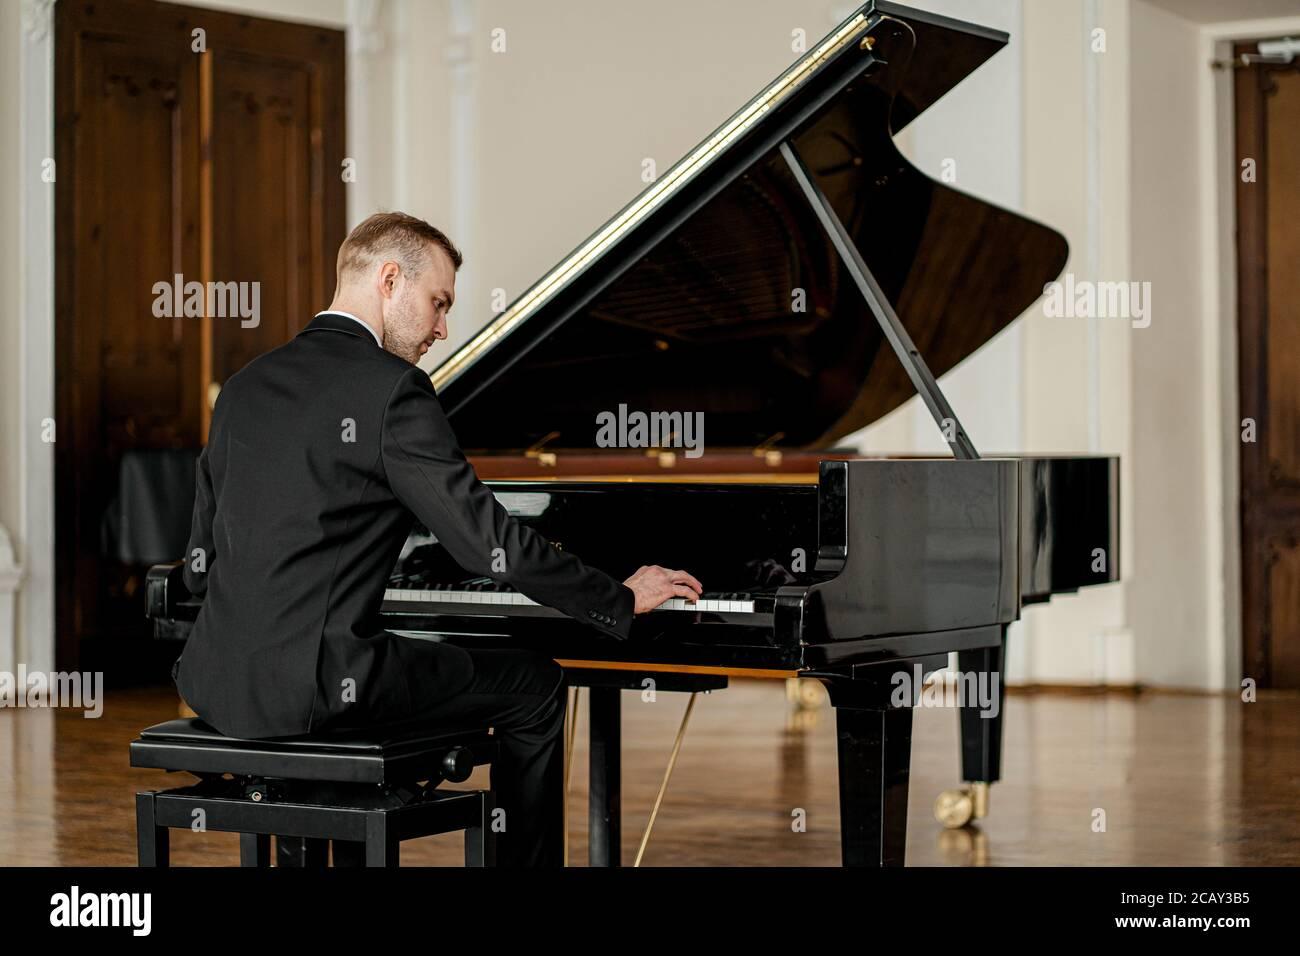 joven hombre caucásico guapo en traje elegante formal tocar piano con gracia. pianista profesional interpretar música clásica Foto de stock